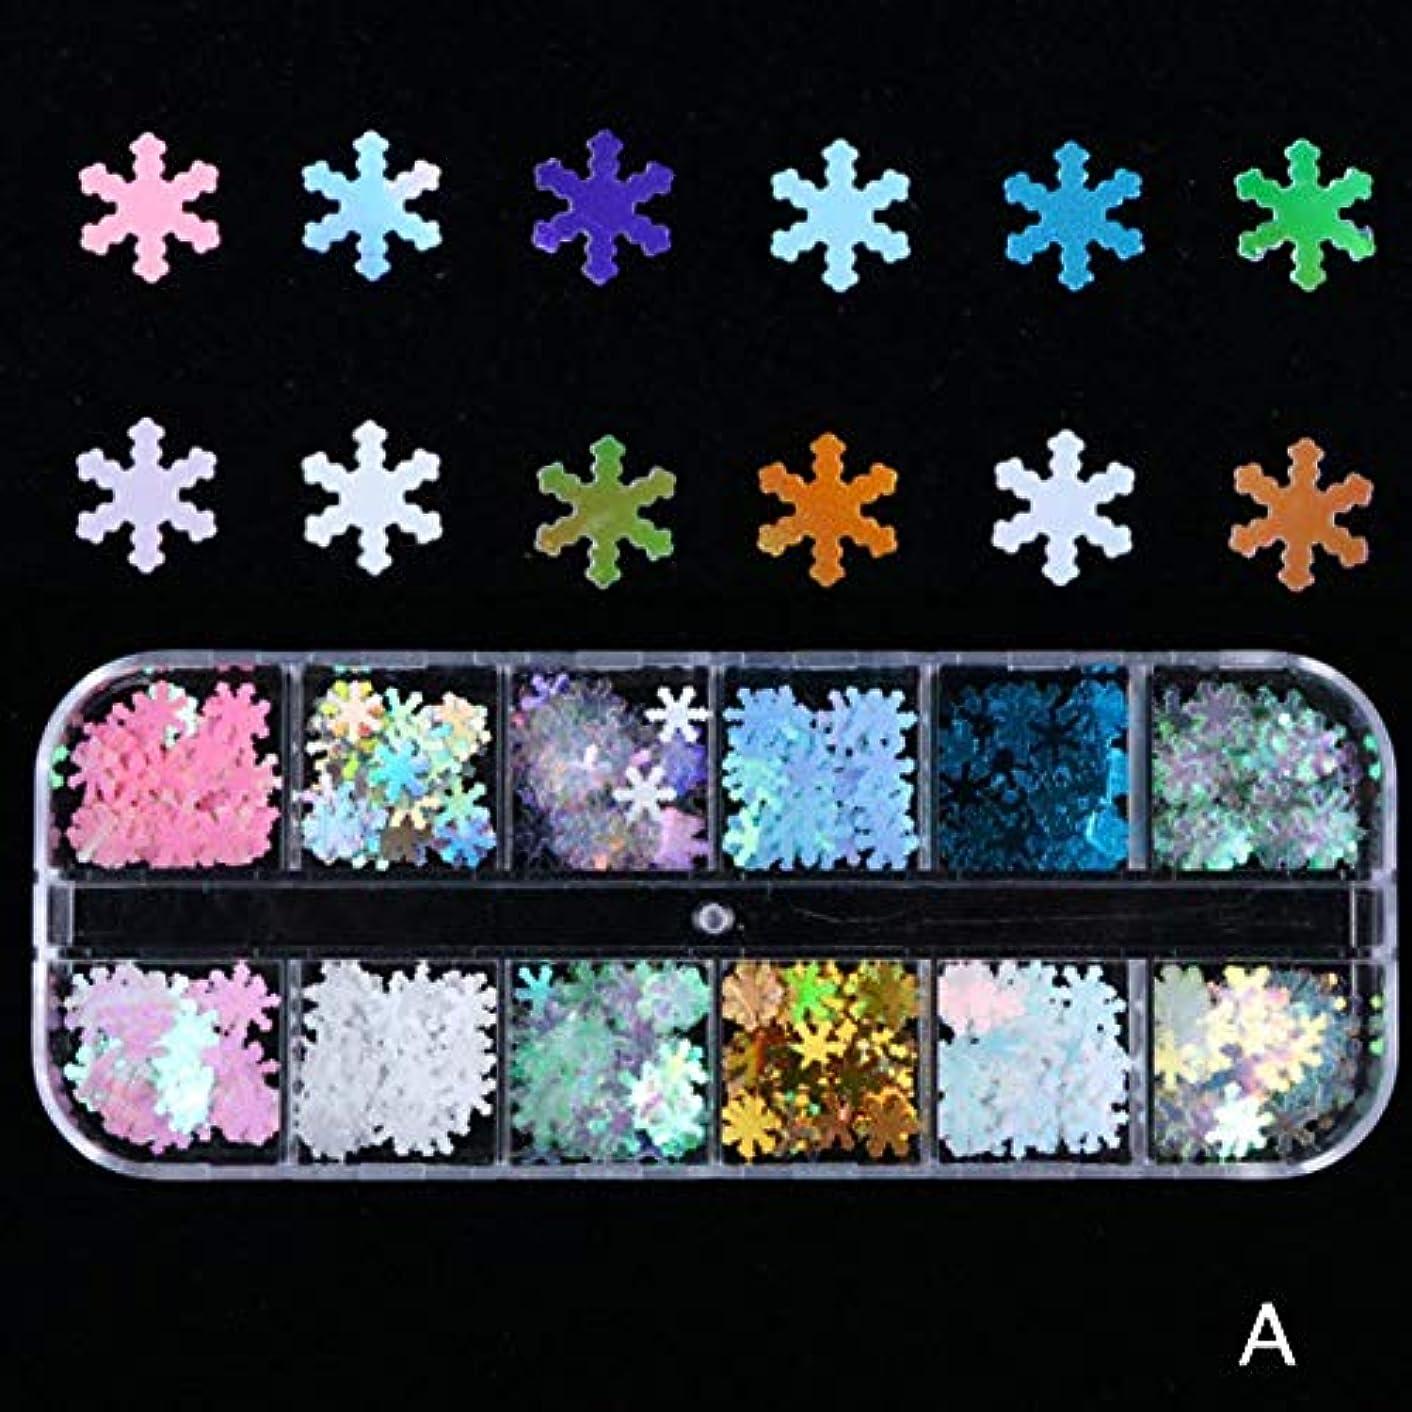 すべてジーンズ名前BETTER YOU (ベター ュー) ネイルアートデコレーションスパンコール、クリスマスシリーズ、スノーフレークスパンコール、多色